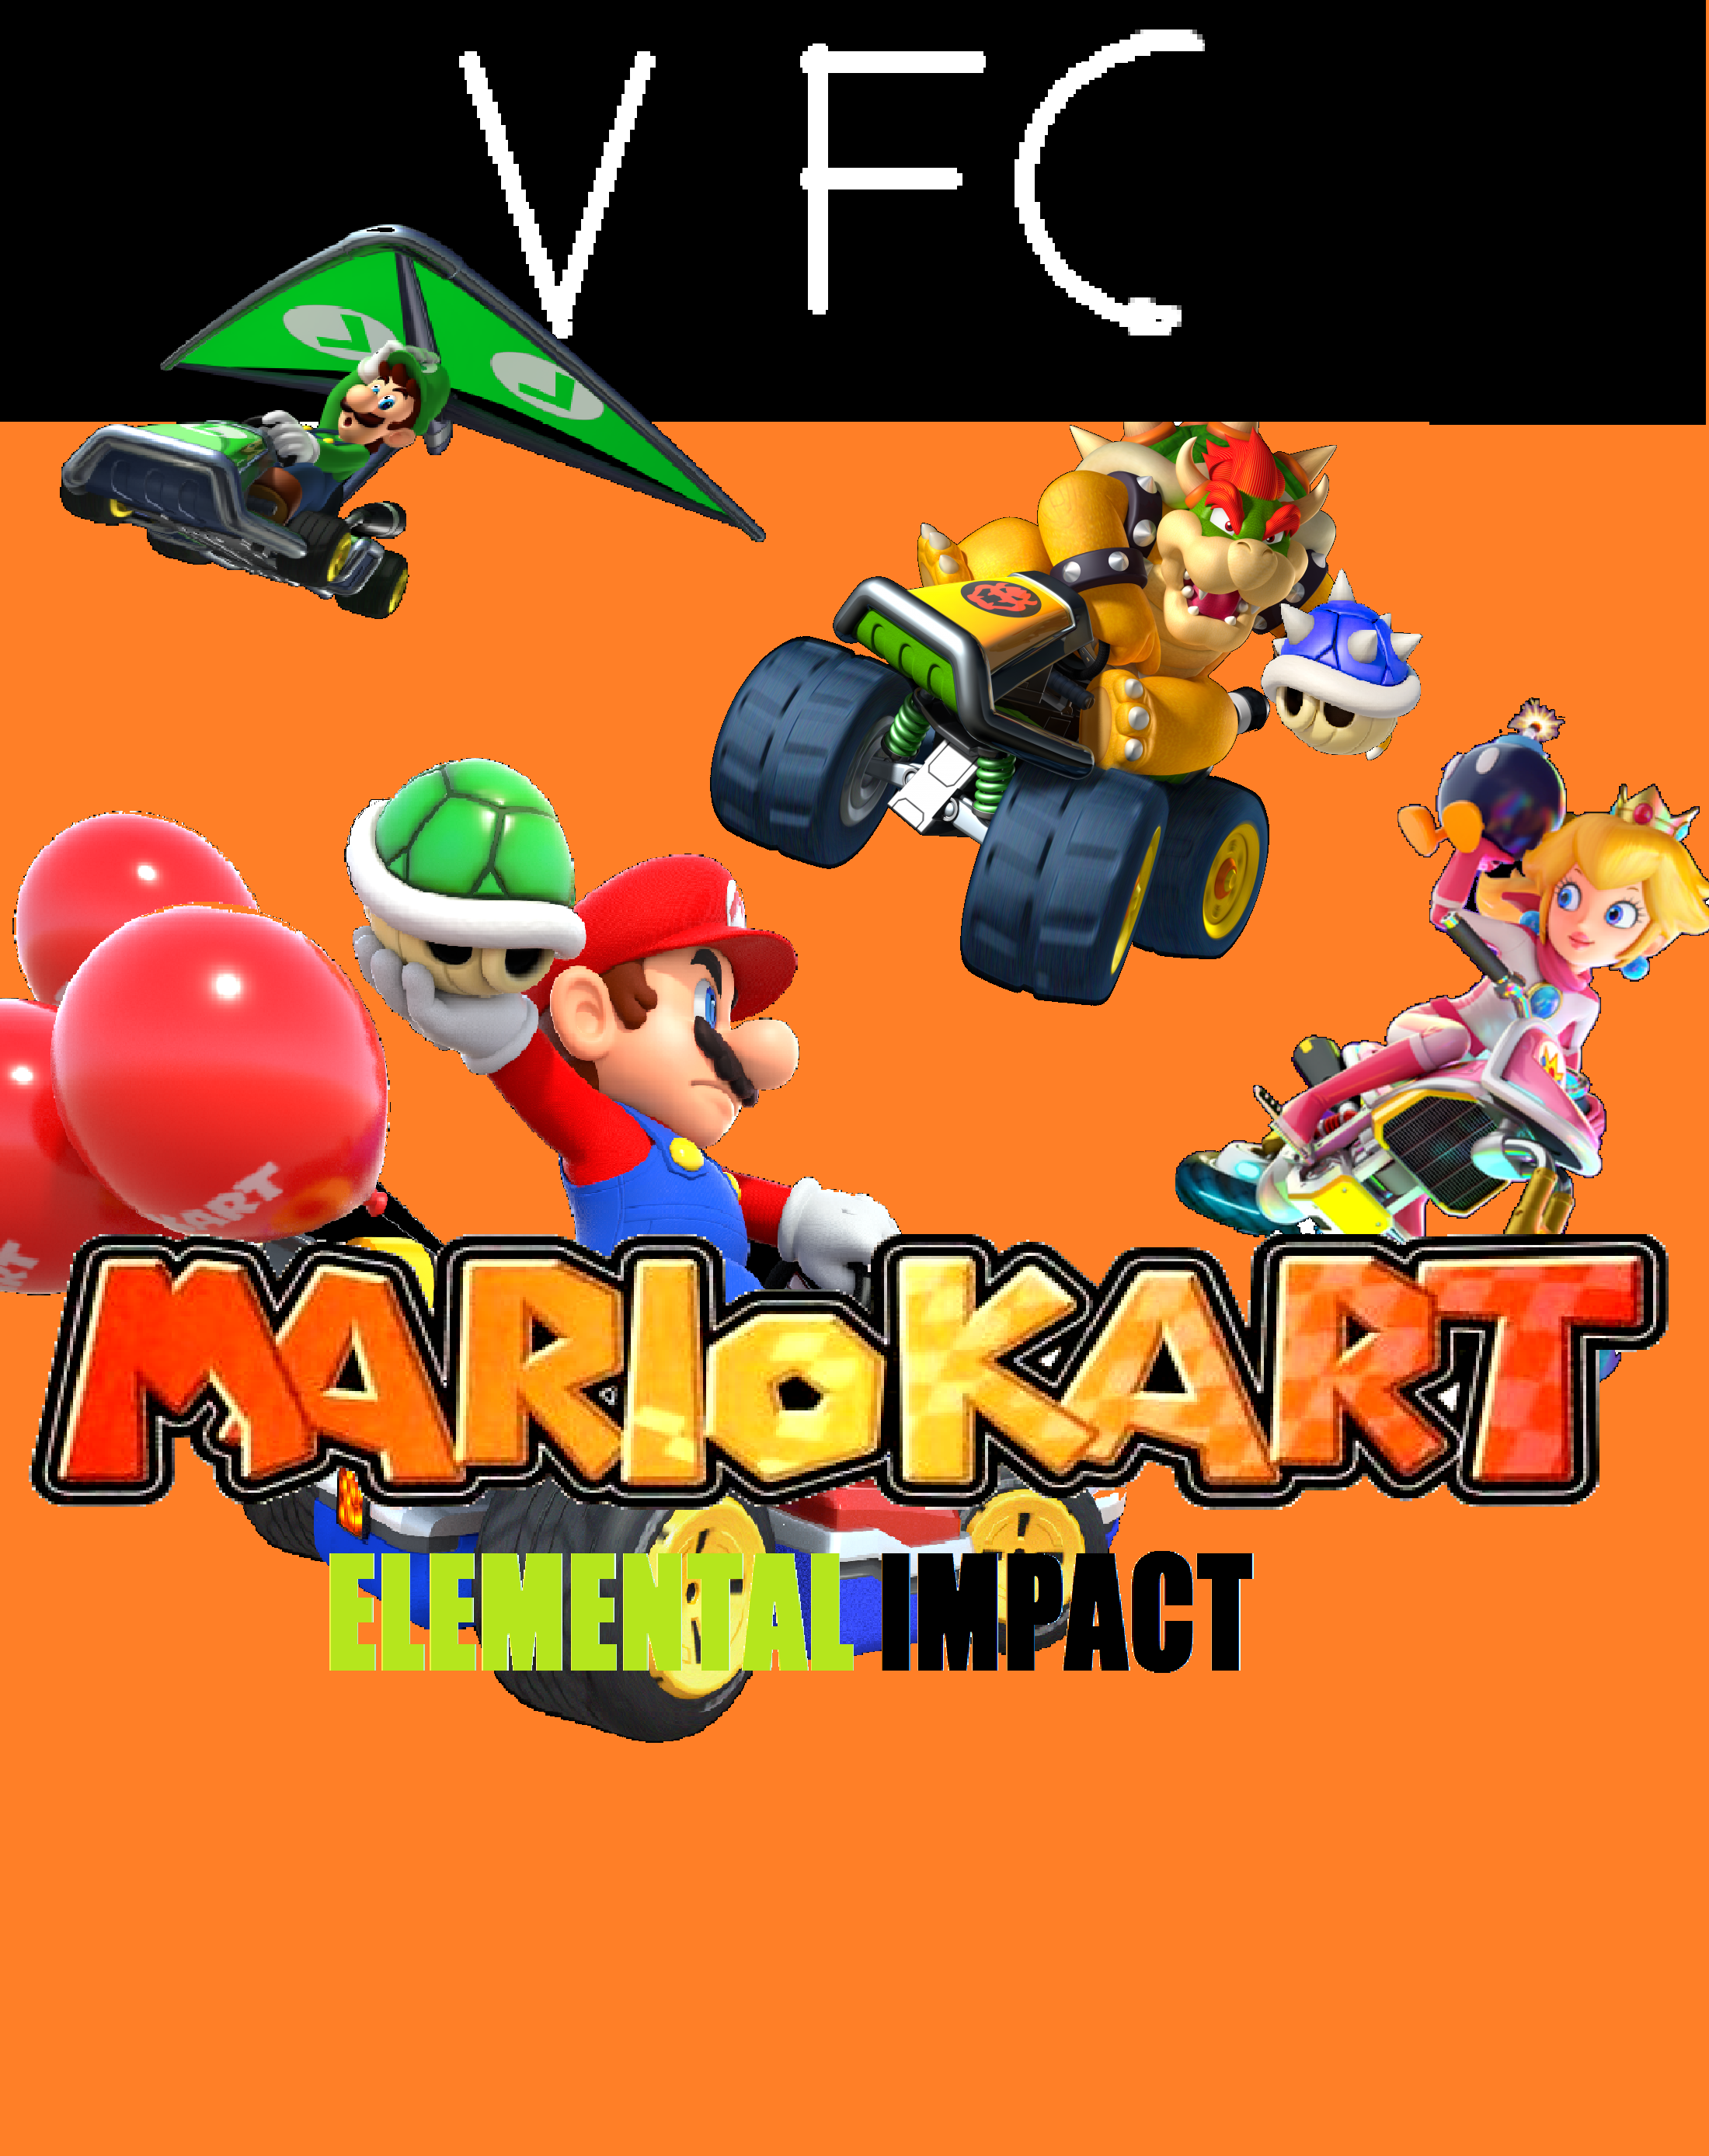 Mario Kart Elemental Impact